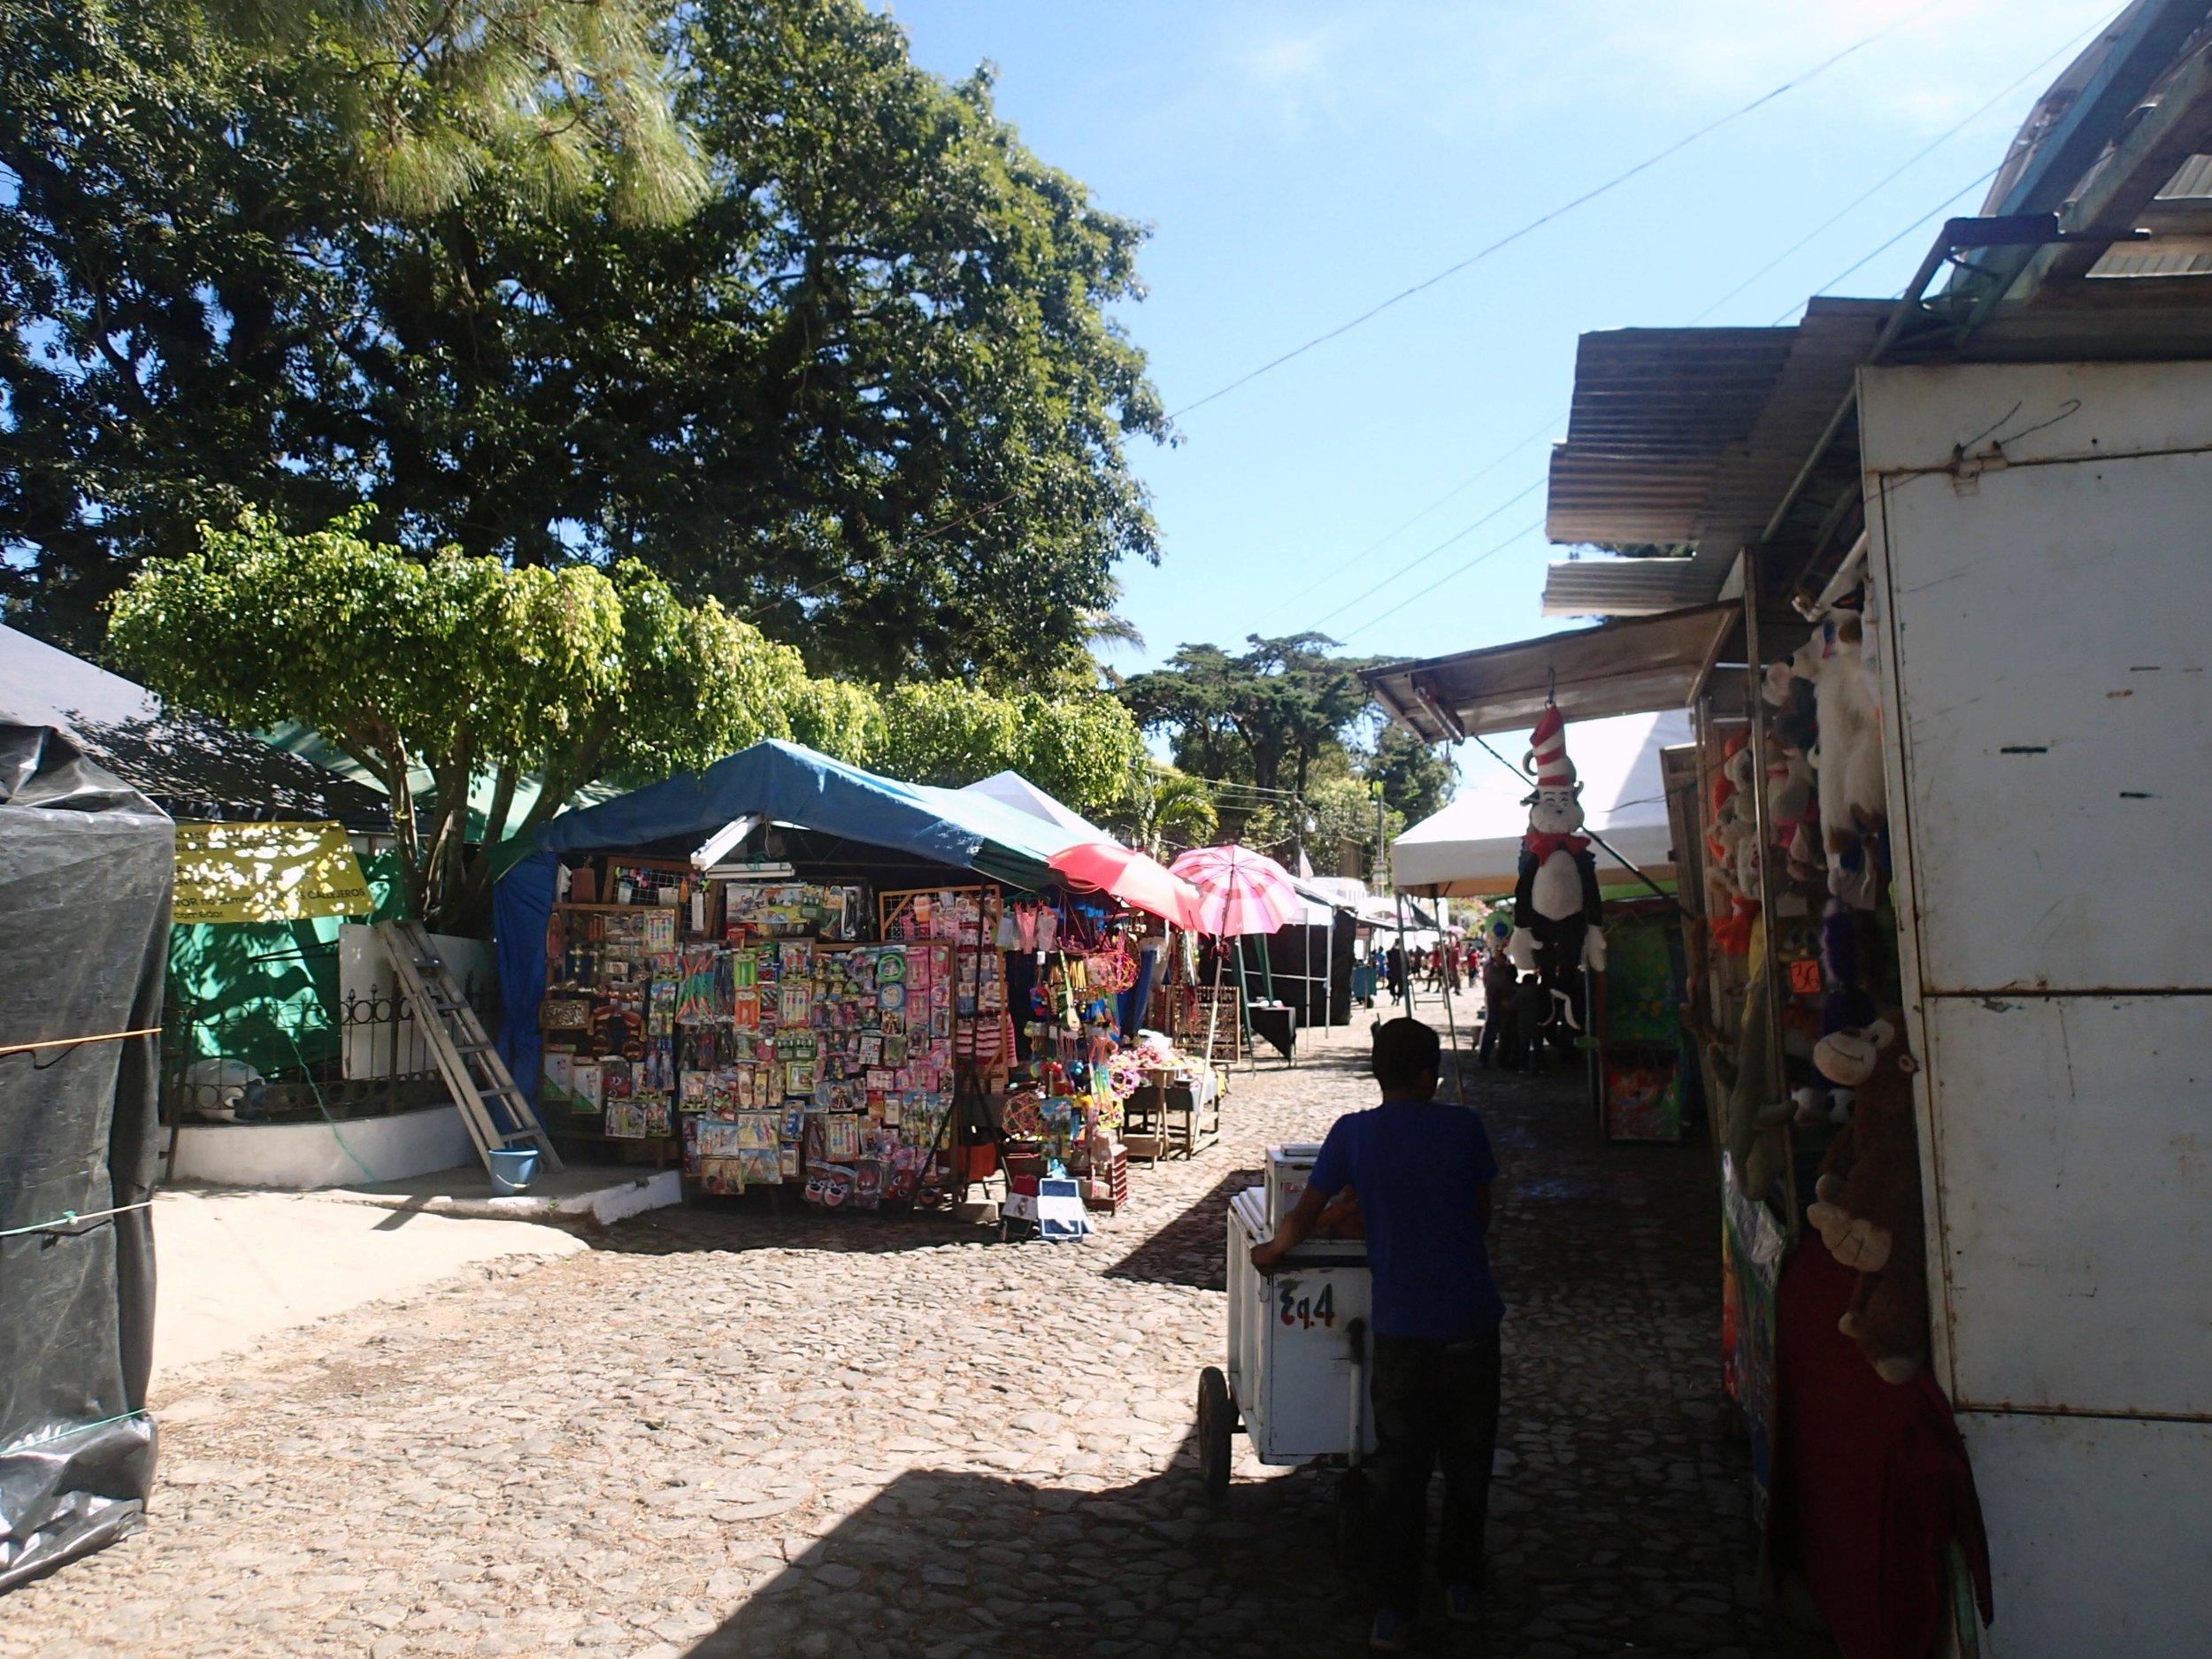 festival day in Ataco.jpg